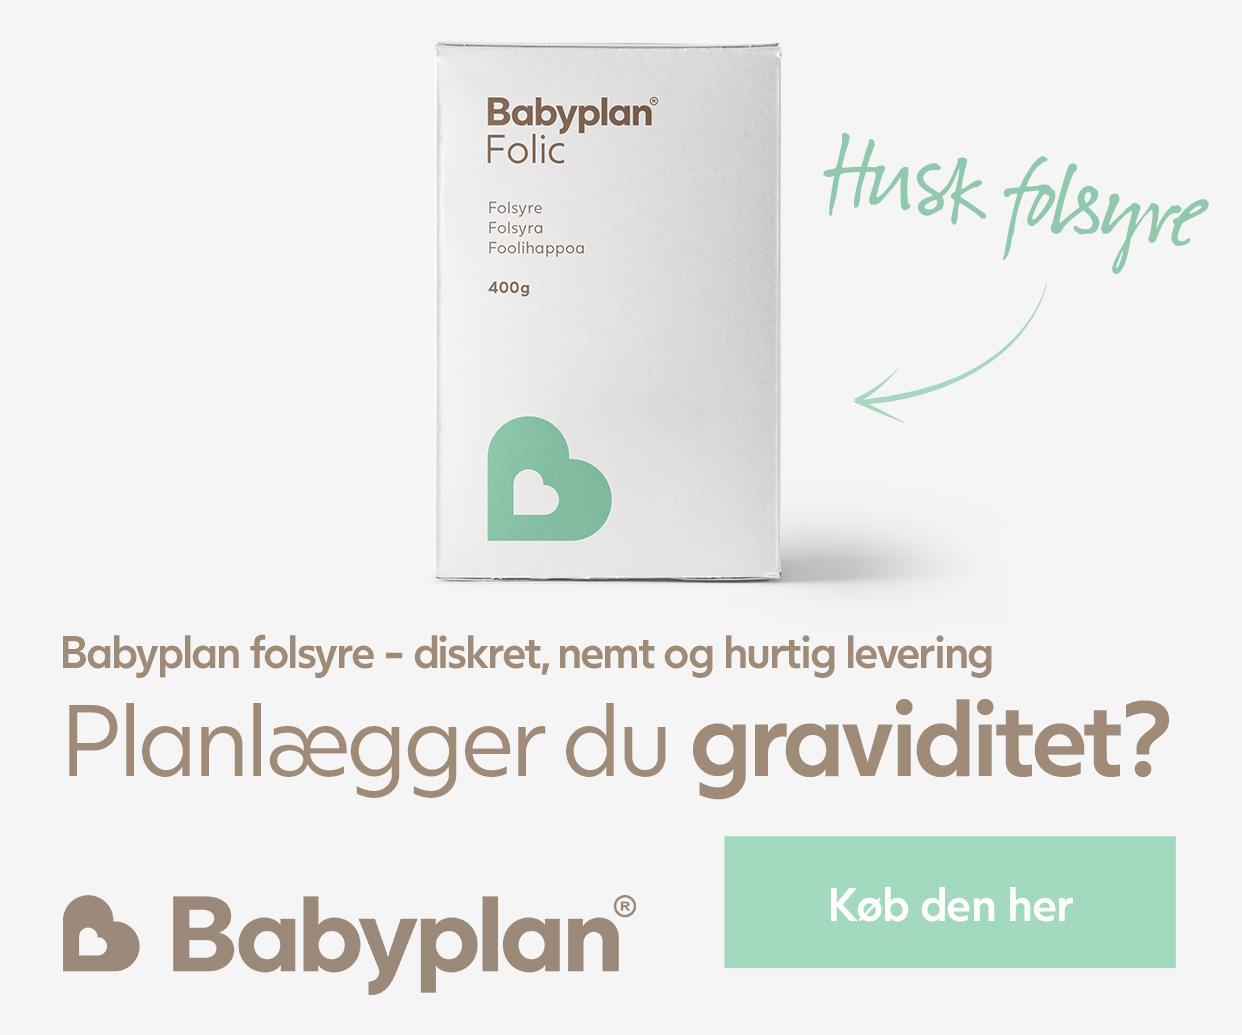 Husk folsyre graviditet